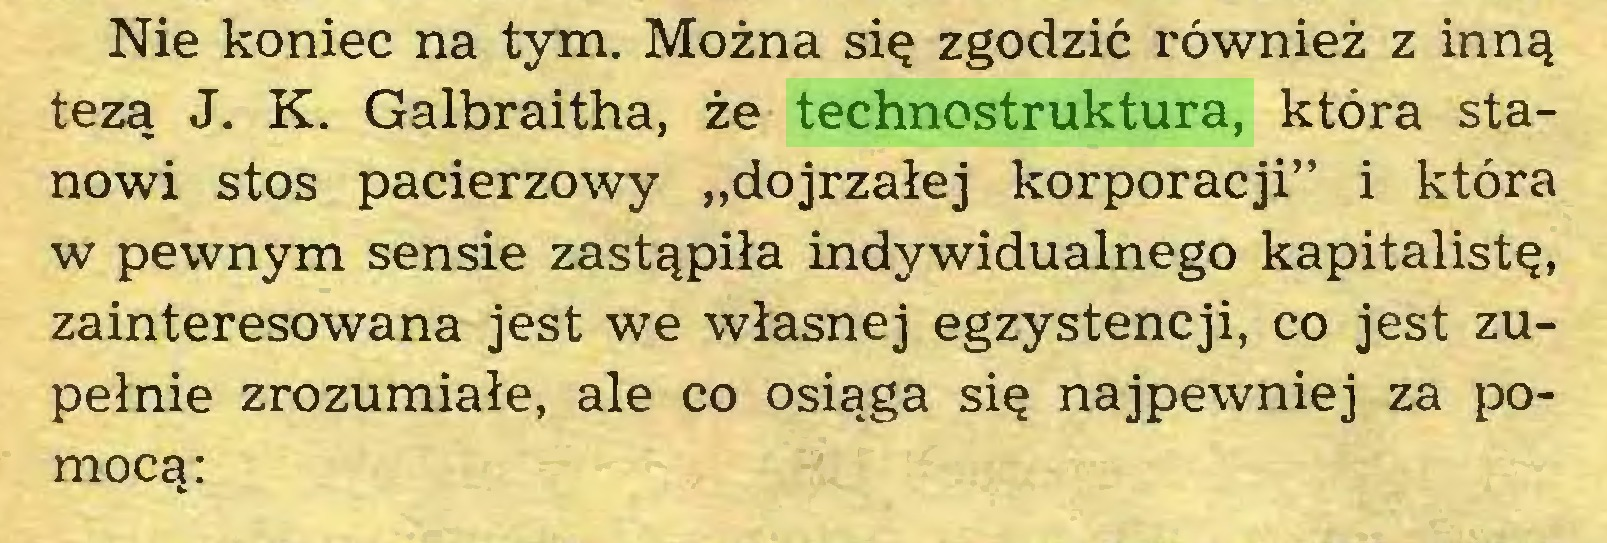 """(...) Nie koniec na tym. Można się zgodzić również z inną tezą J. K. Galbraitha, że technostruktura, która stanowi stos pacierzowy """"dojrzałej korporacji"""" i która w pewnym sensie zastąpiła indywidualnego kapitalistę, zainteresowana jest we własnej egzystencji, co jest zupełnie zrozumiałe, ale co osiąga się najpewniej za pomocą:..."""